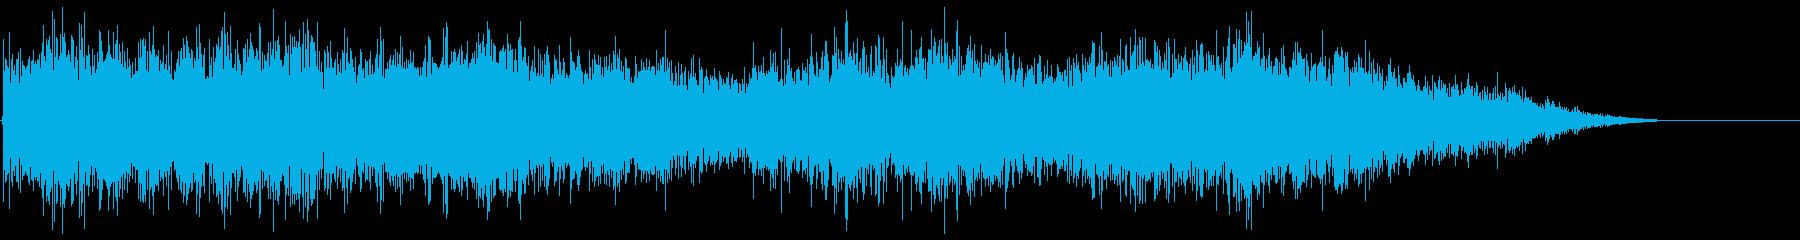 ヘビーメタルムーブメント1の再生済みの波形